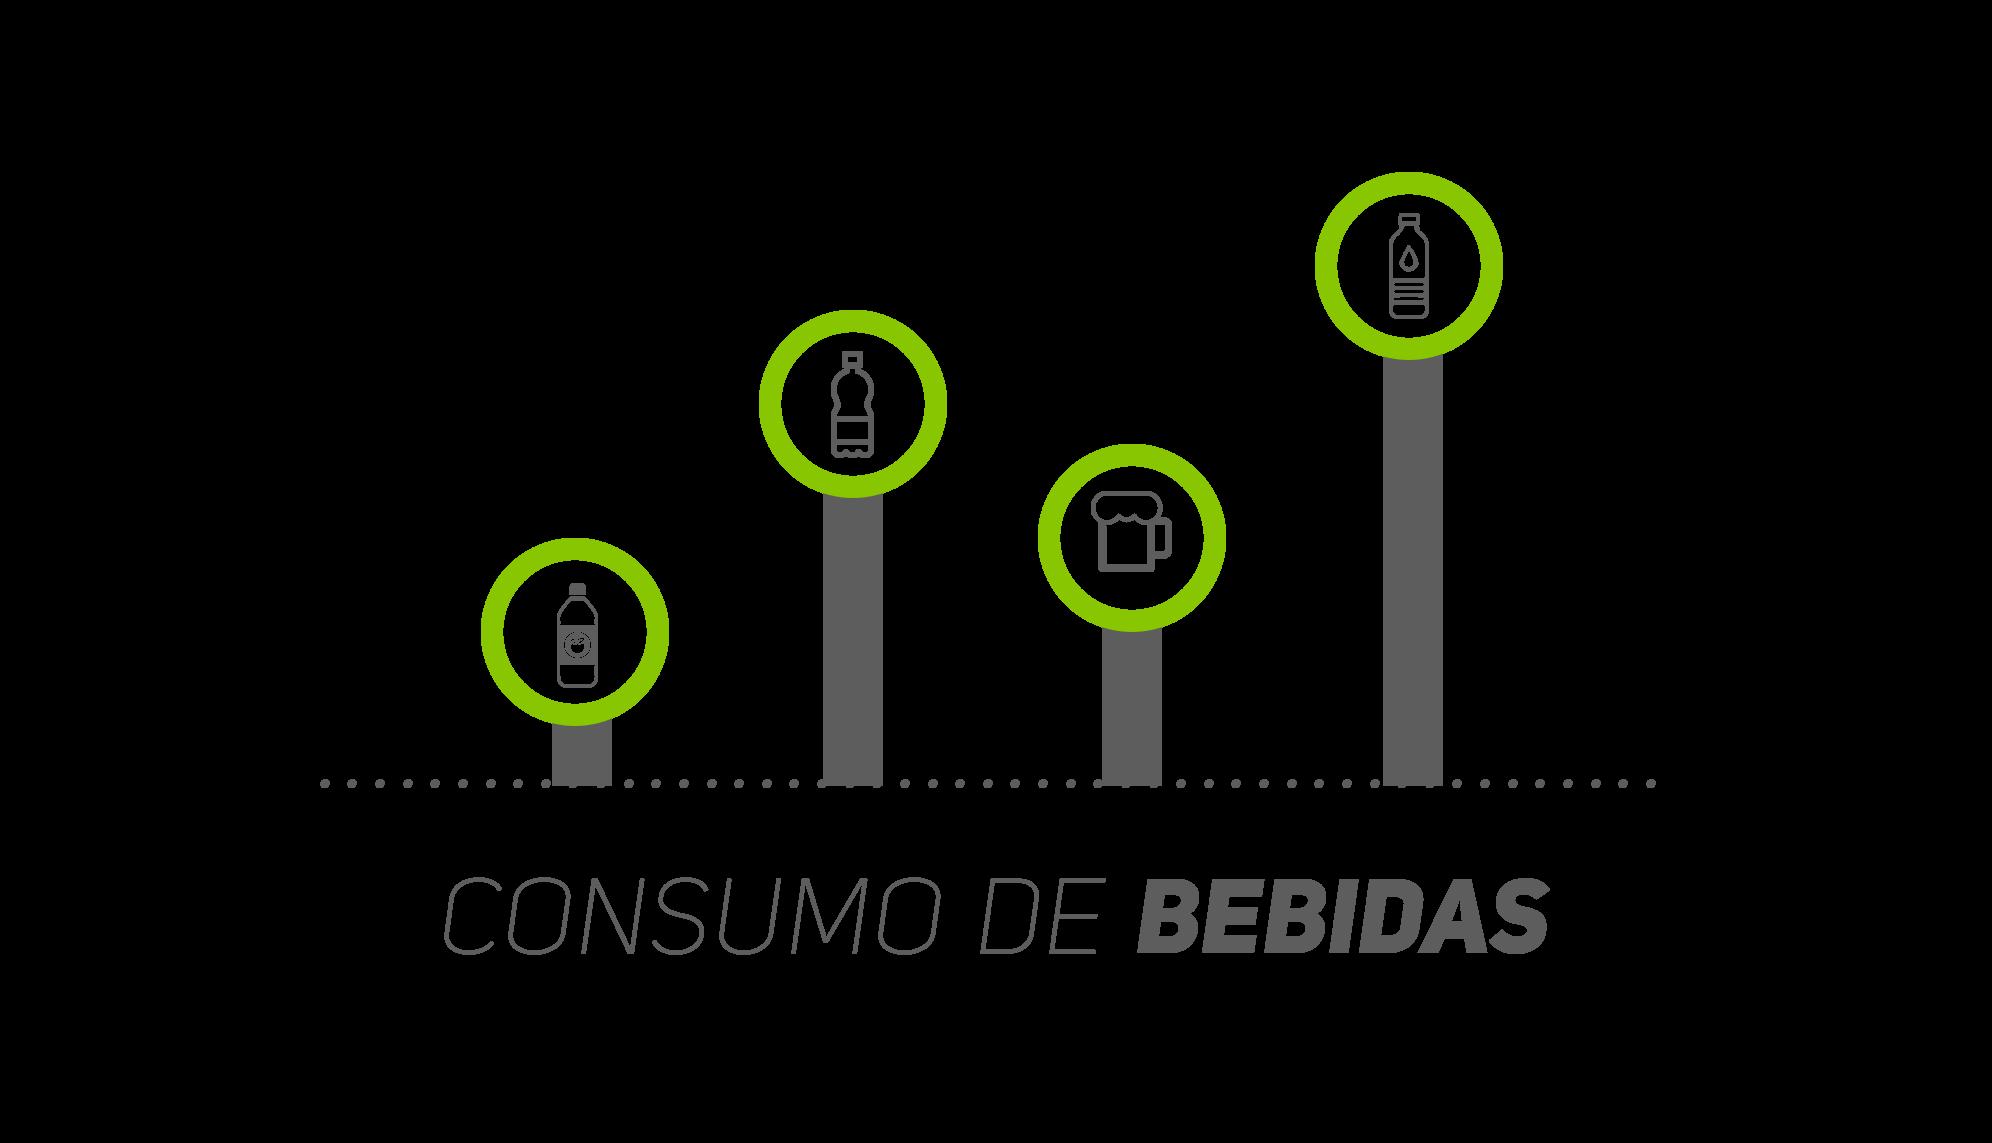 Consumo de Bebidas 2015